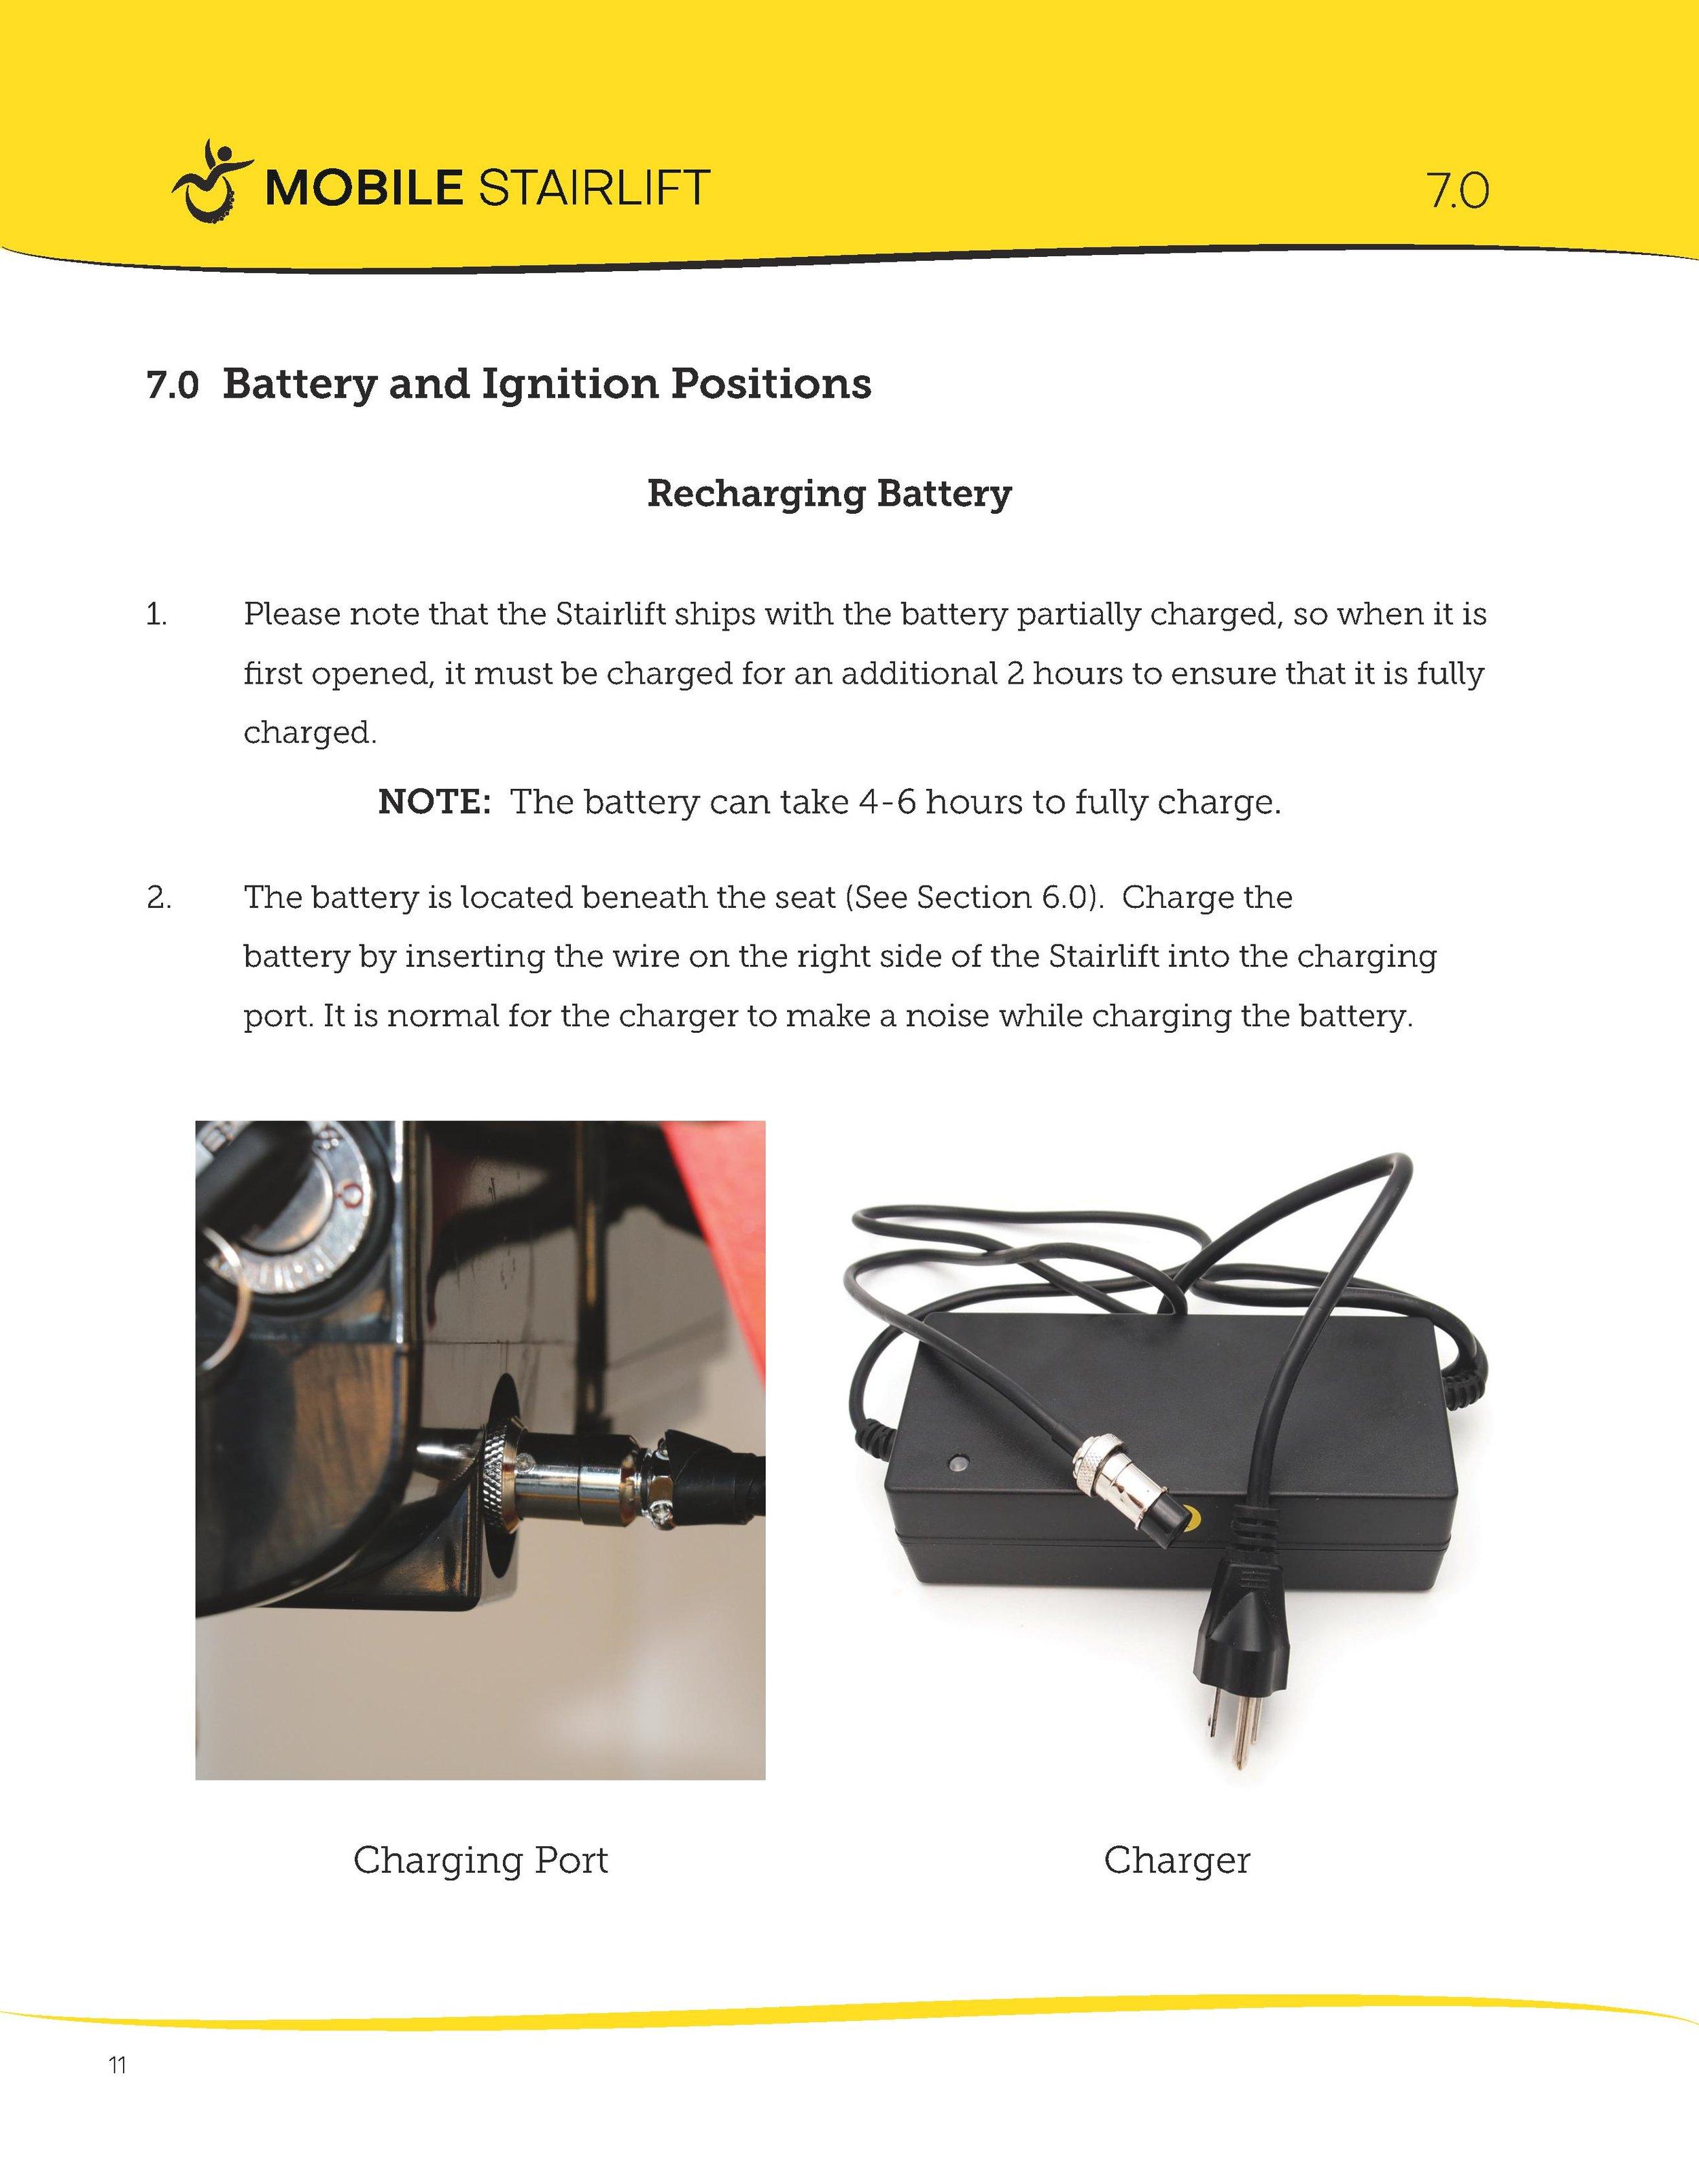 Mobile Stairlift Instruction Manual-12.jpg